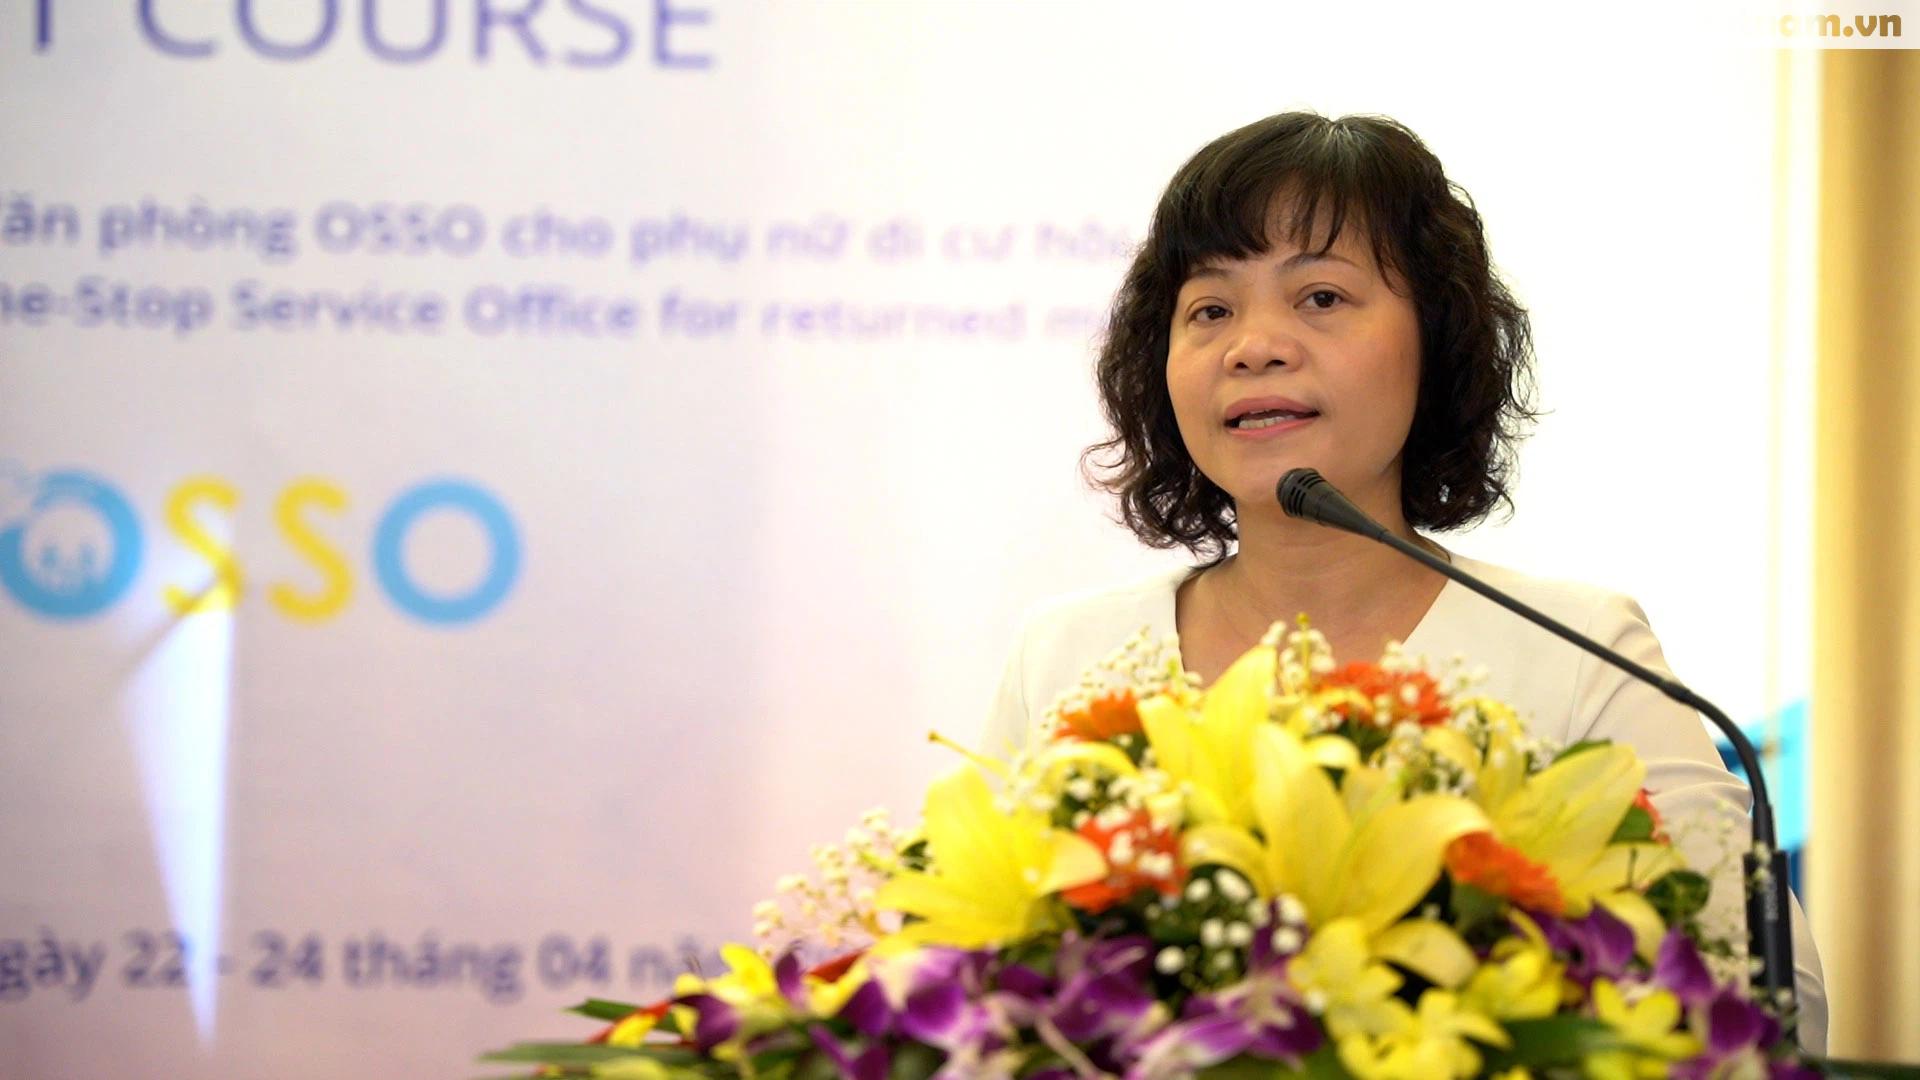 Cán bộ Hội LHPN ở 5 tỉnh, thành phố tham gia tập huấn về tham vấn cho phụ nữ di cư hồi hương - Ảnh 1.